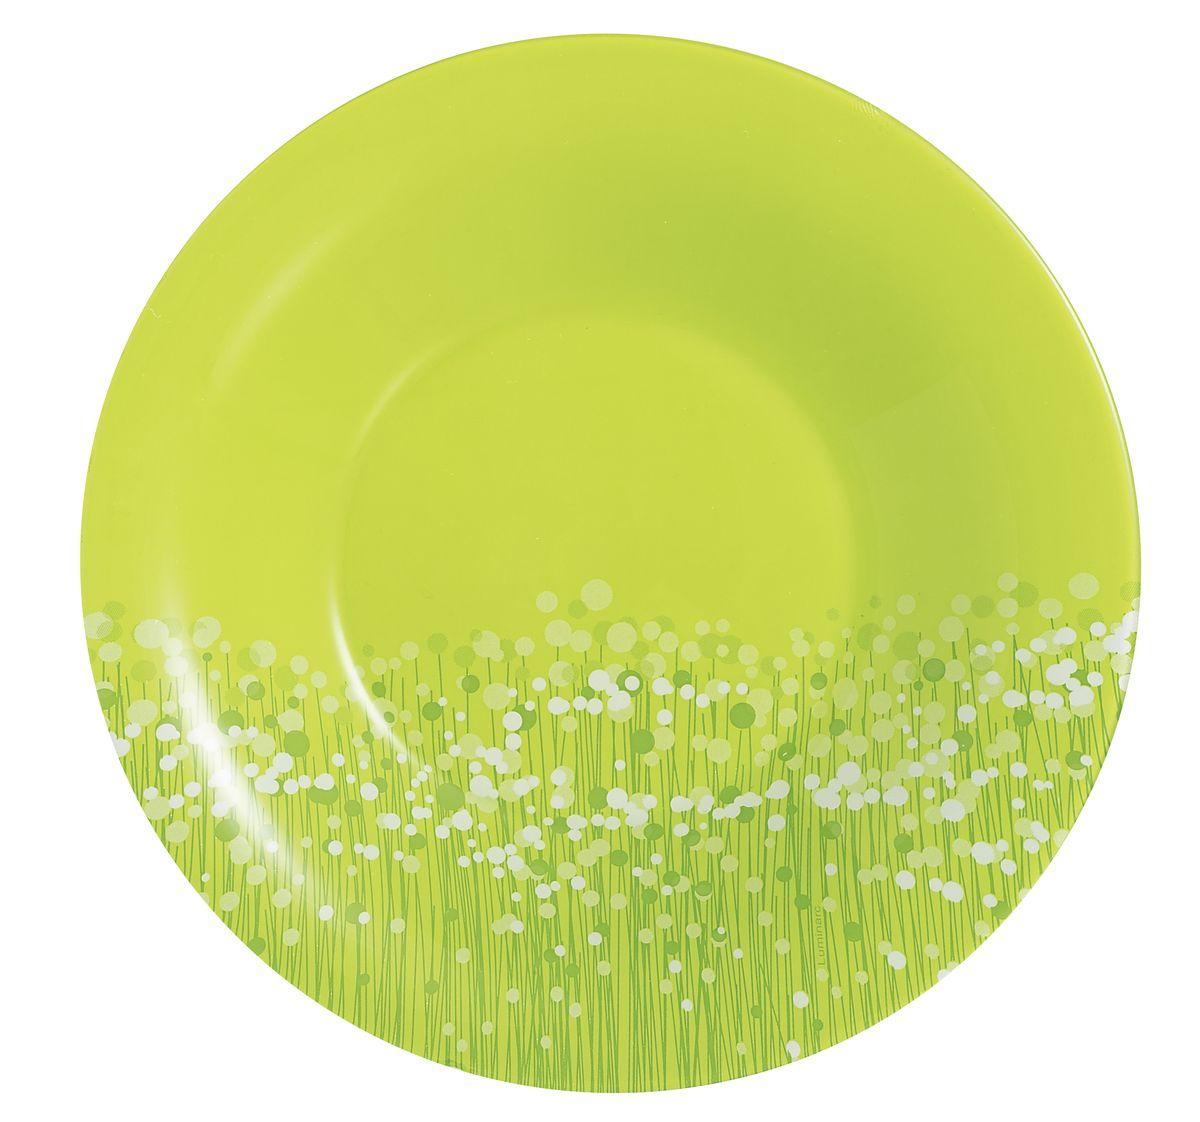 Тарелка глубокая Luminarc Flowerfield, диаметр 21,5 смH2493Яркая и привлекательная глубокая тарелка Flowerfield выполнена в нетривиальном дизайне, она подчеркнет стиль дома. Эта тарелка изготовлена из ударопрочного стекла известной французской марки Luminarc. Тарелку можно использовать в СВЧ-печи и мыть с помощью посудомоечной машины.